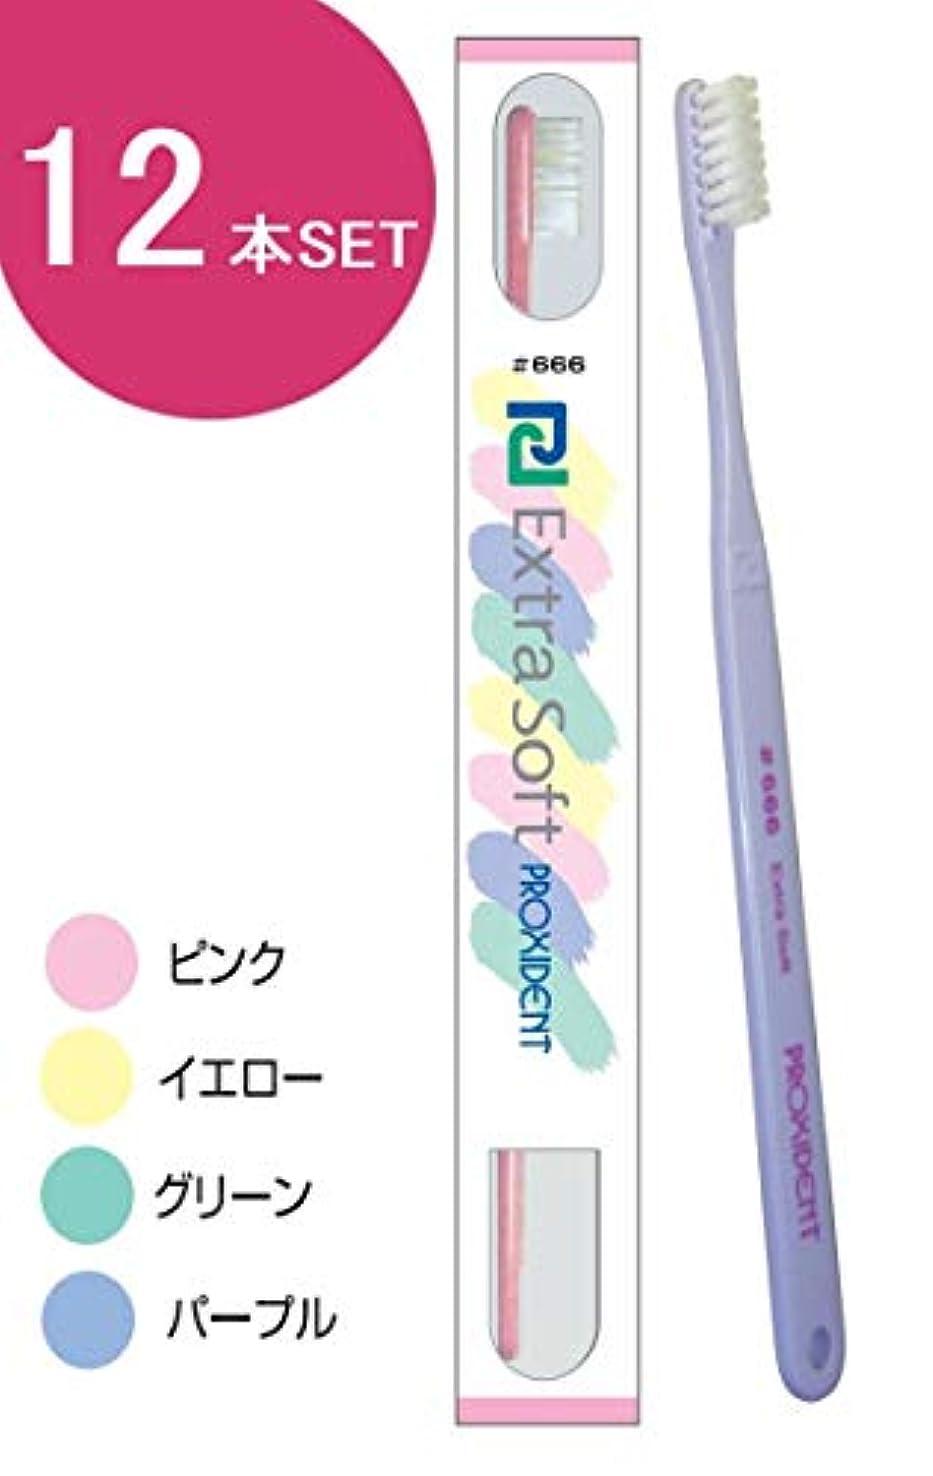 かろうじて差別する液化するプローデント プロキシデント コンパクトヘッド ES(エクストラソフト) 歯ブラシ #666 (12本)